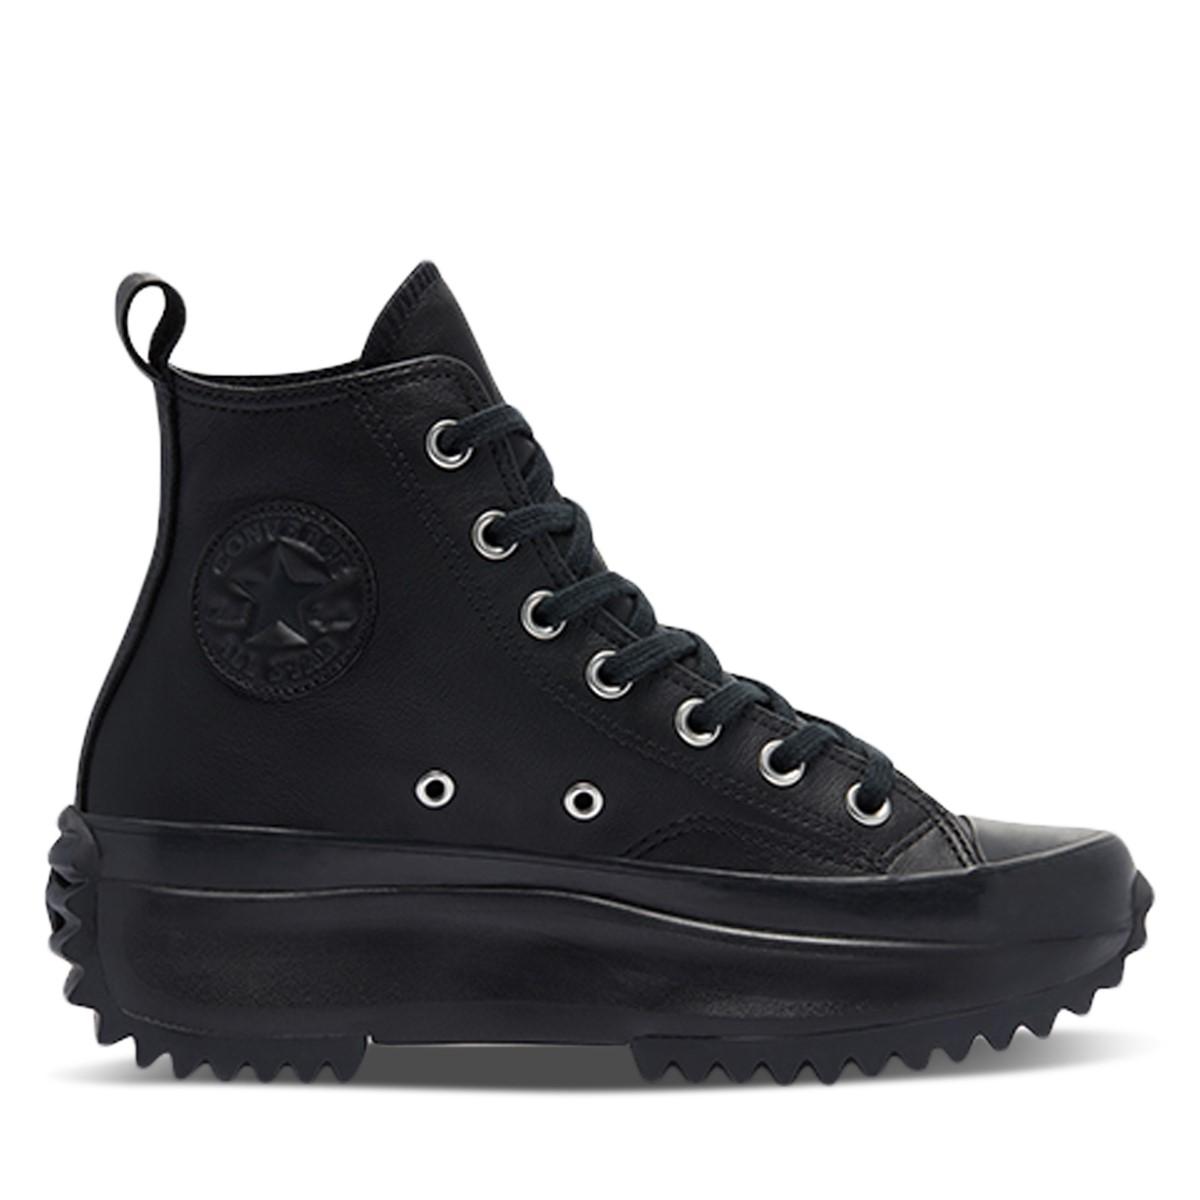 Run Star Hike Platform Sneakers in Black Leather